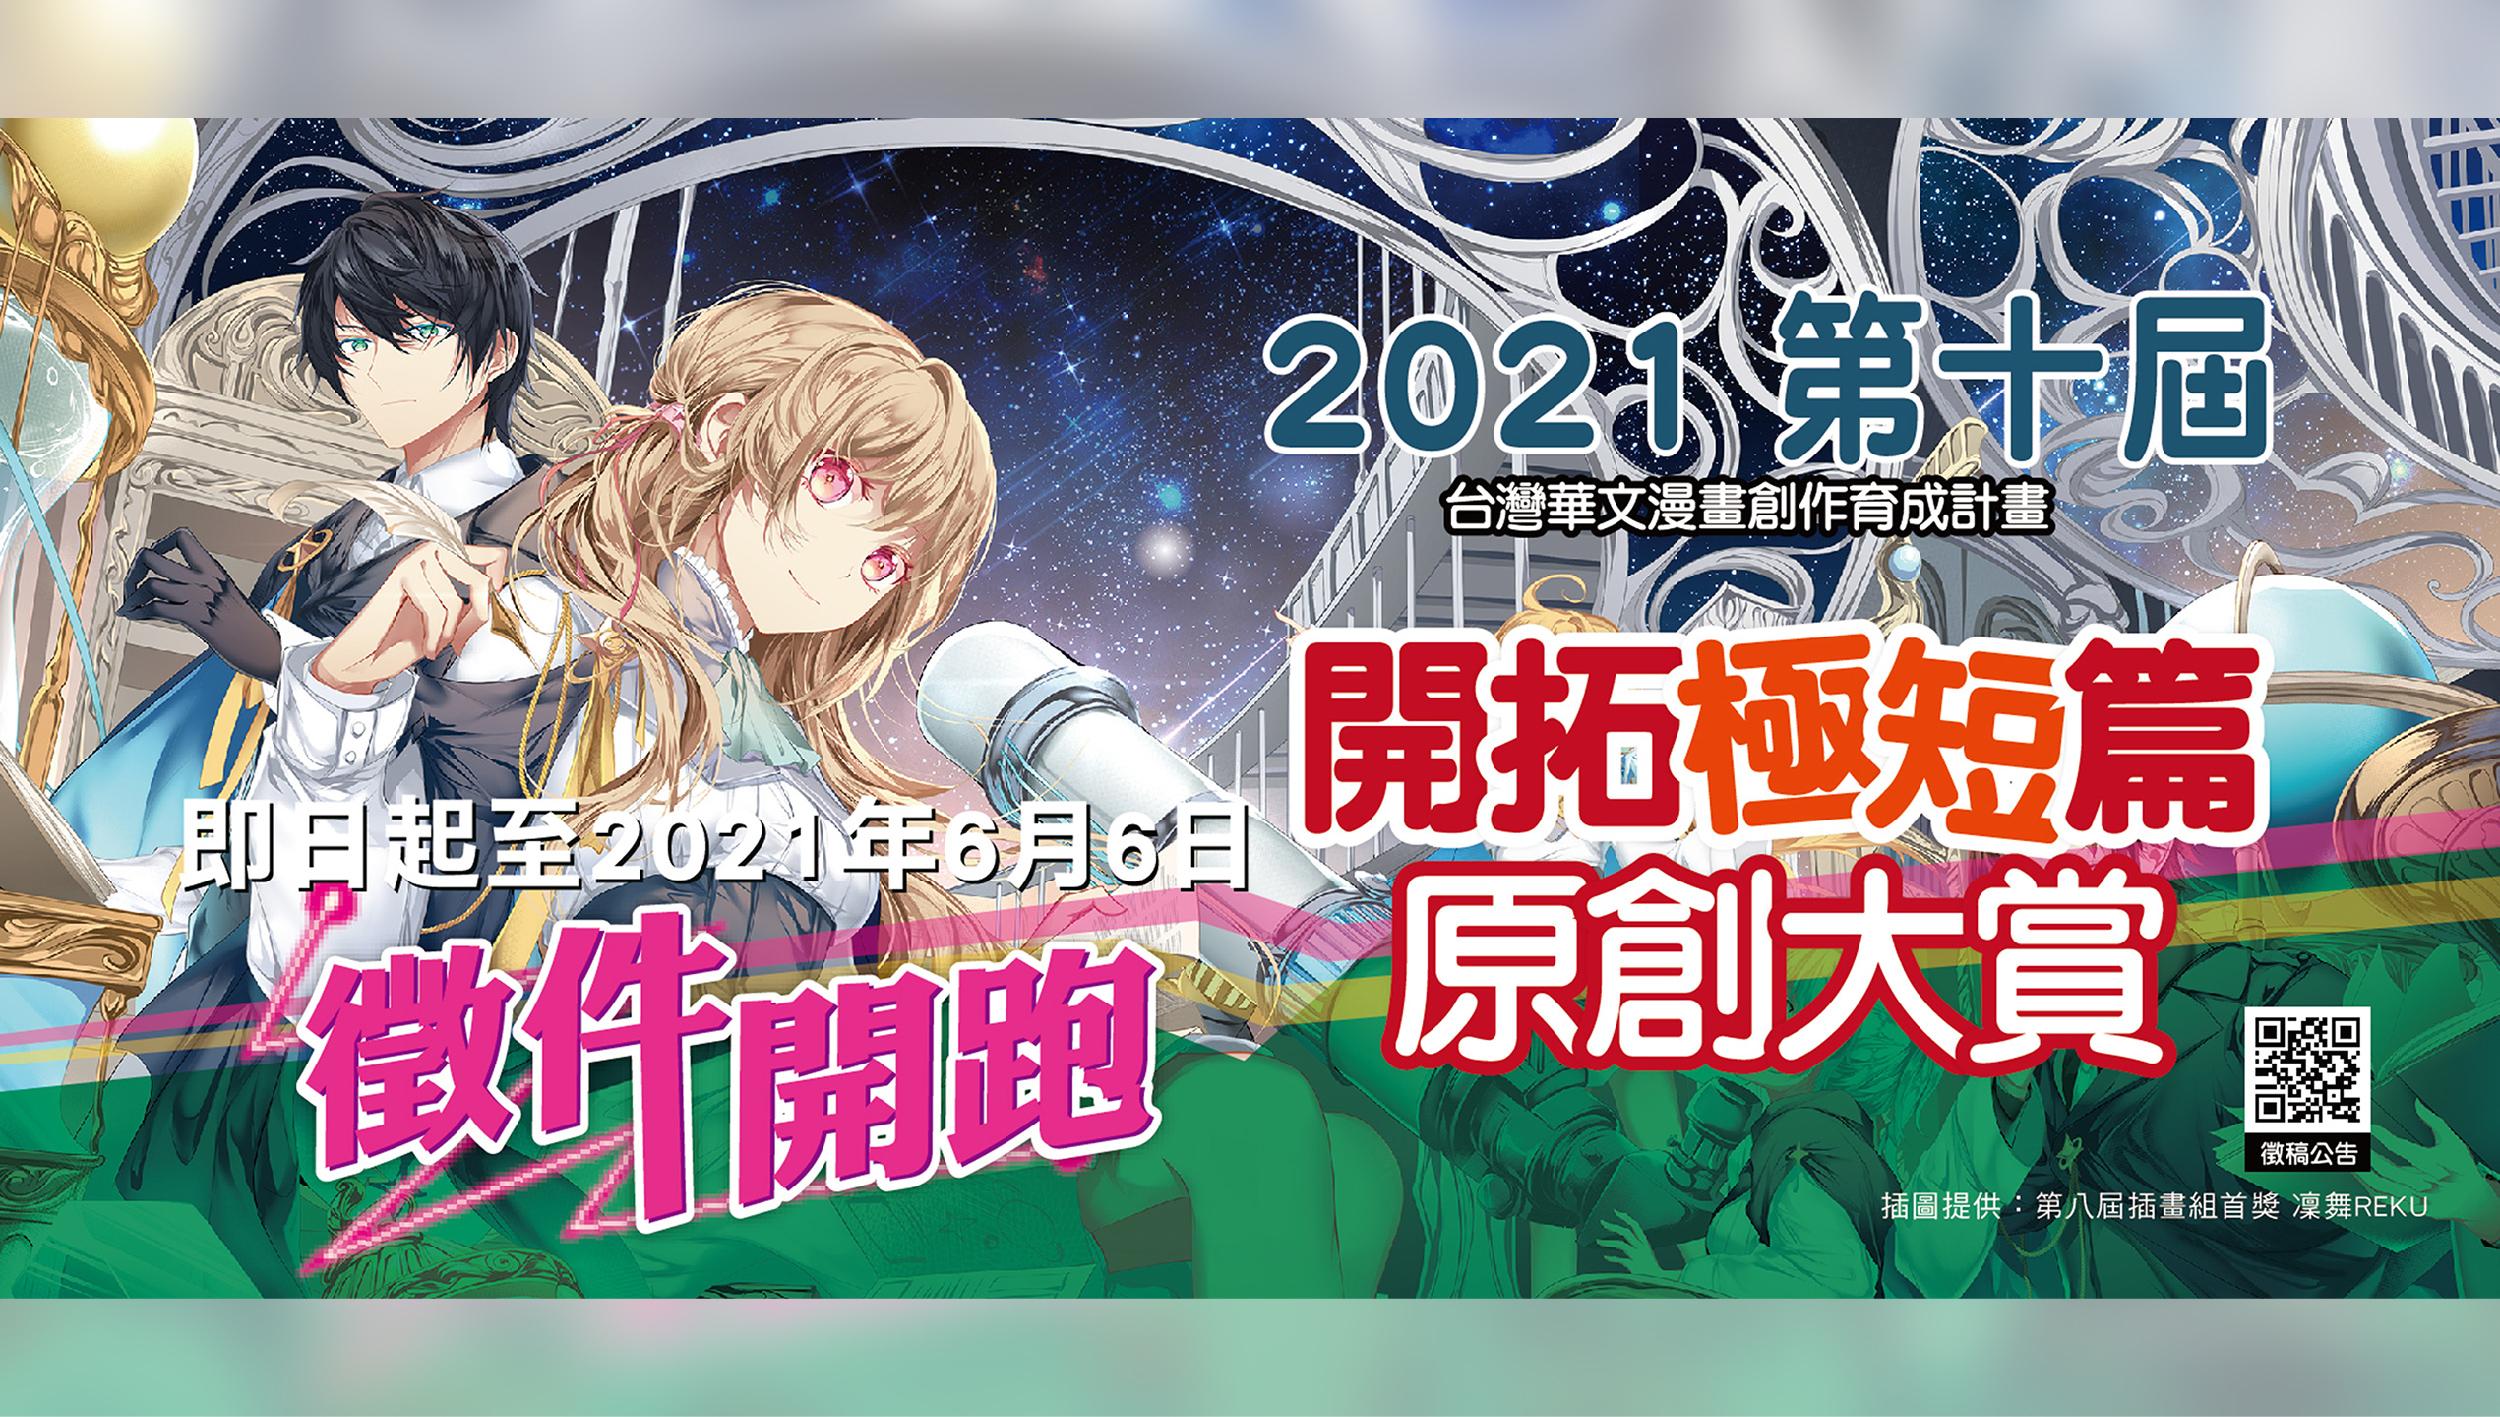 開拓極短篇原創大賞 2021登場,即日起~ 6/6 熱烈徵件中!